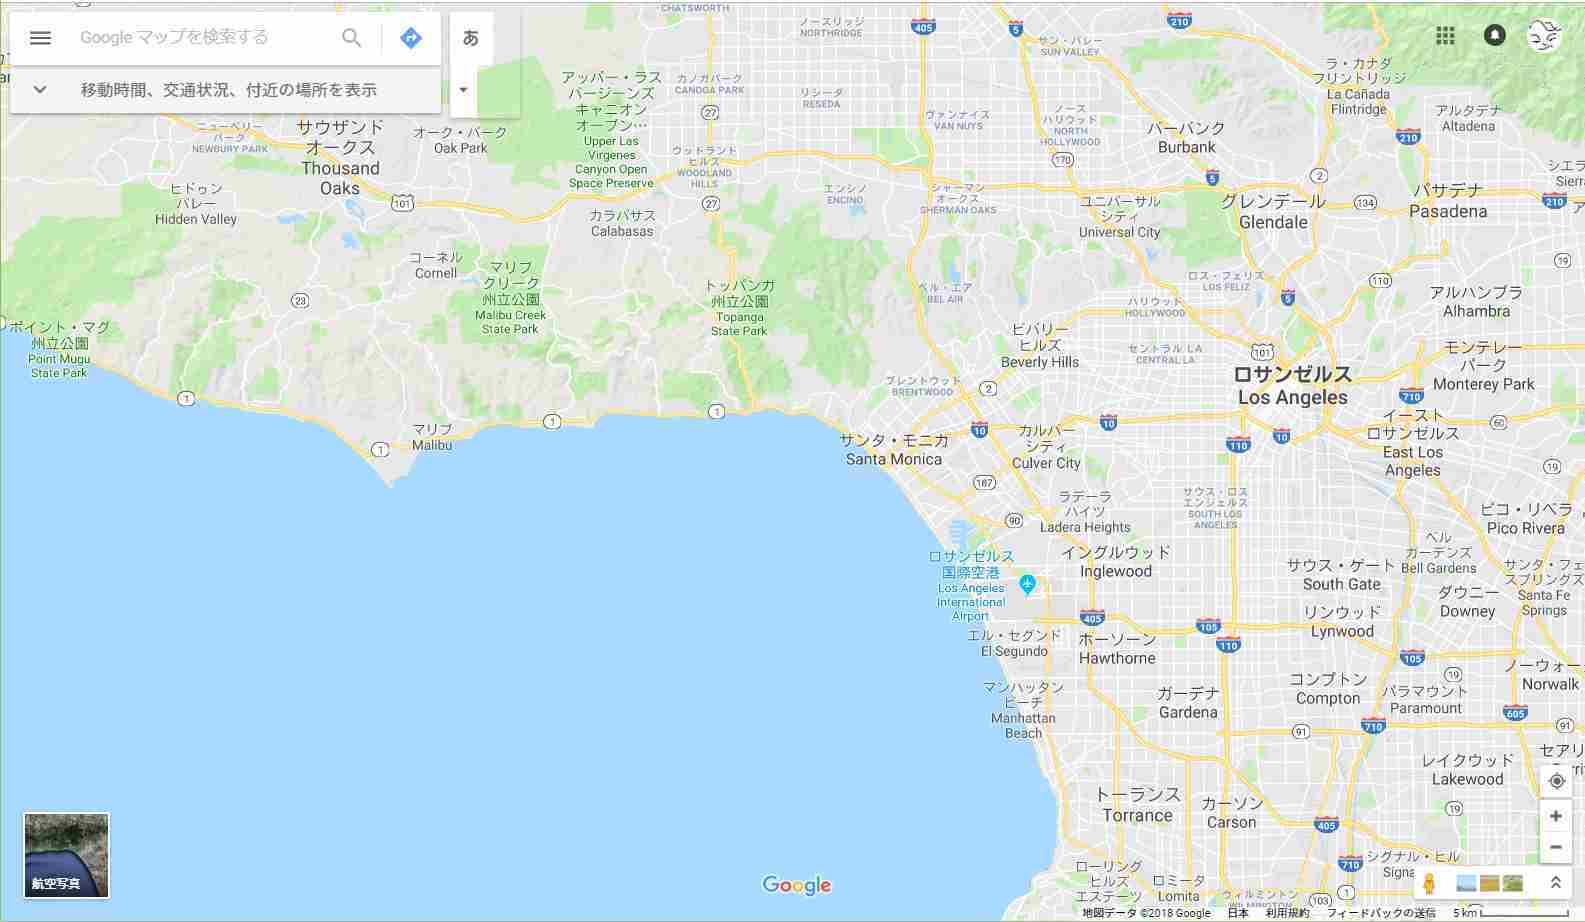 ロサンゼルスの人種分布地図_c0025115_22171536.jpg